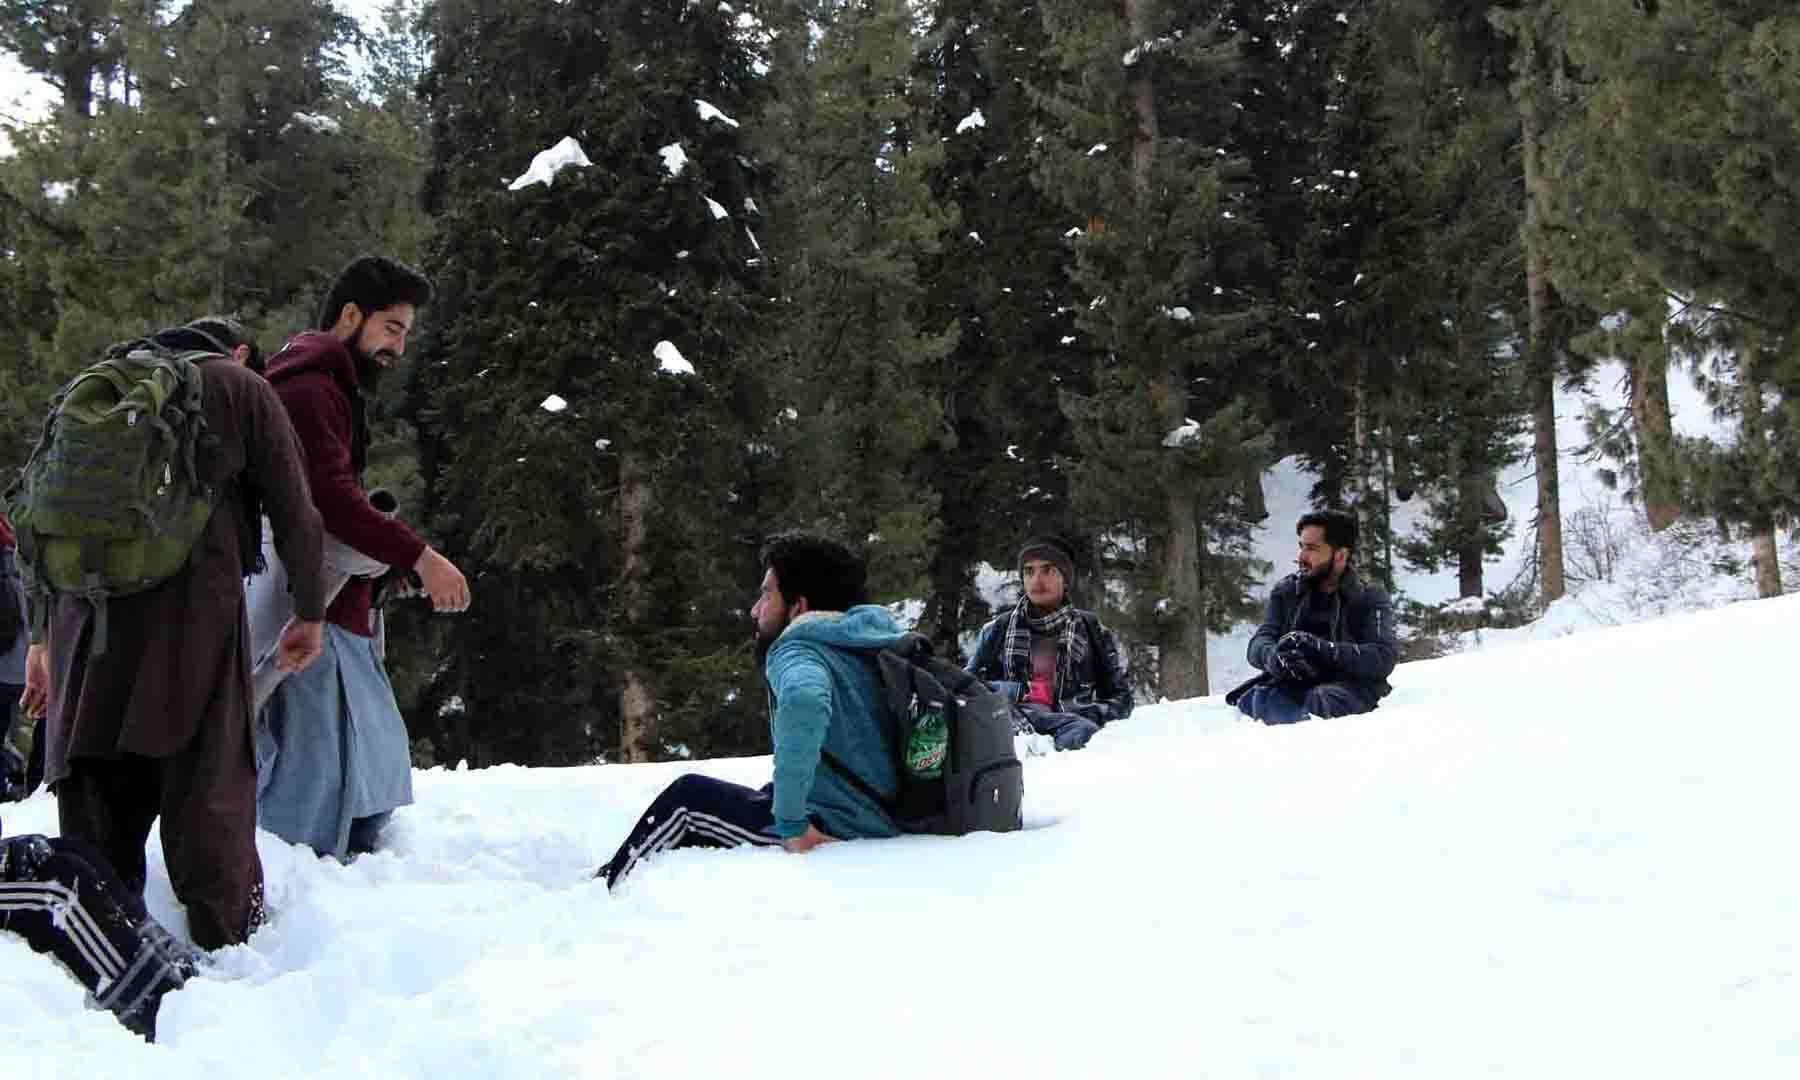 جب چلتے چلتے سانس اکھڑ جائے، تو برف پر بیٹھنا ہی پڑتا ہے